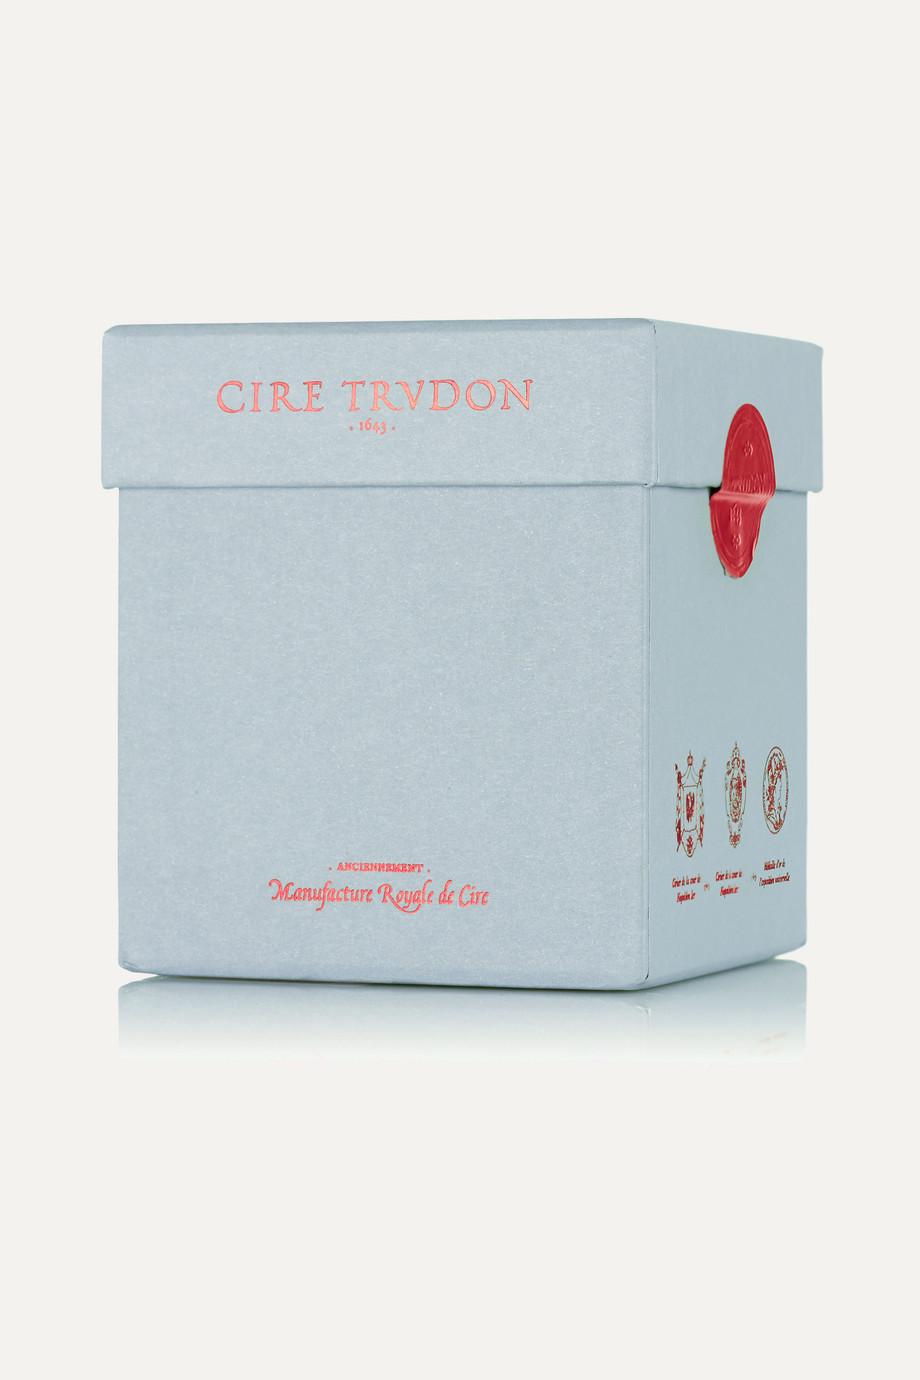 Cire Trudon Trianon 香薰蜡烛,270g